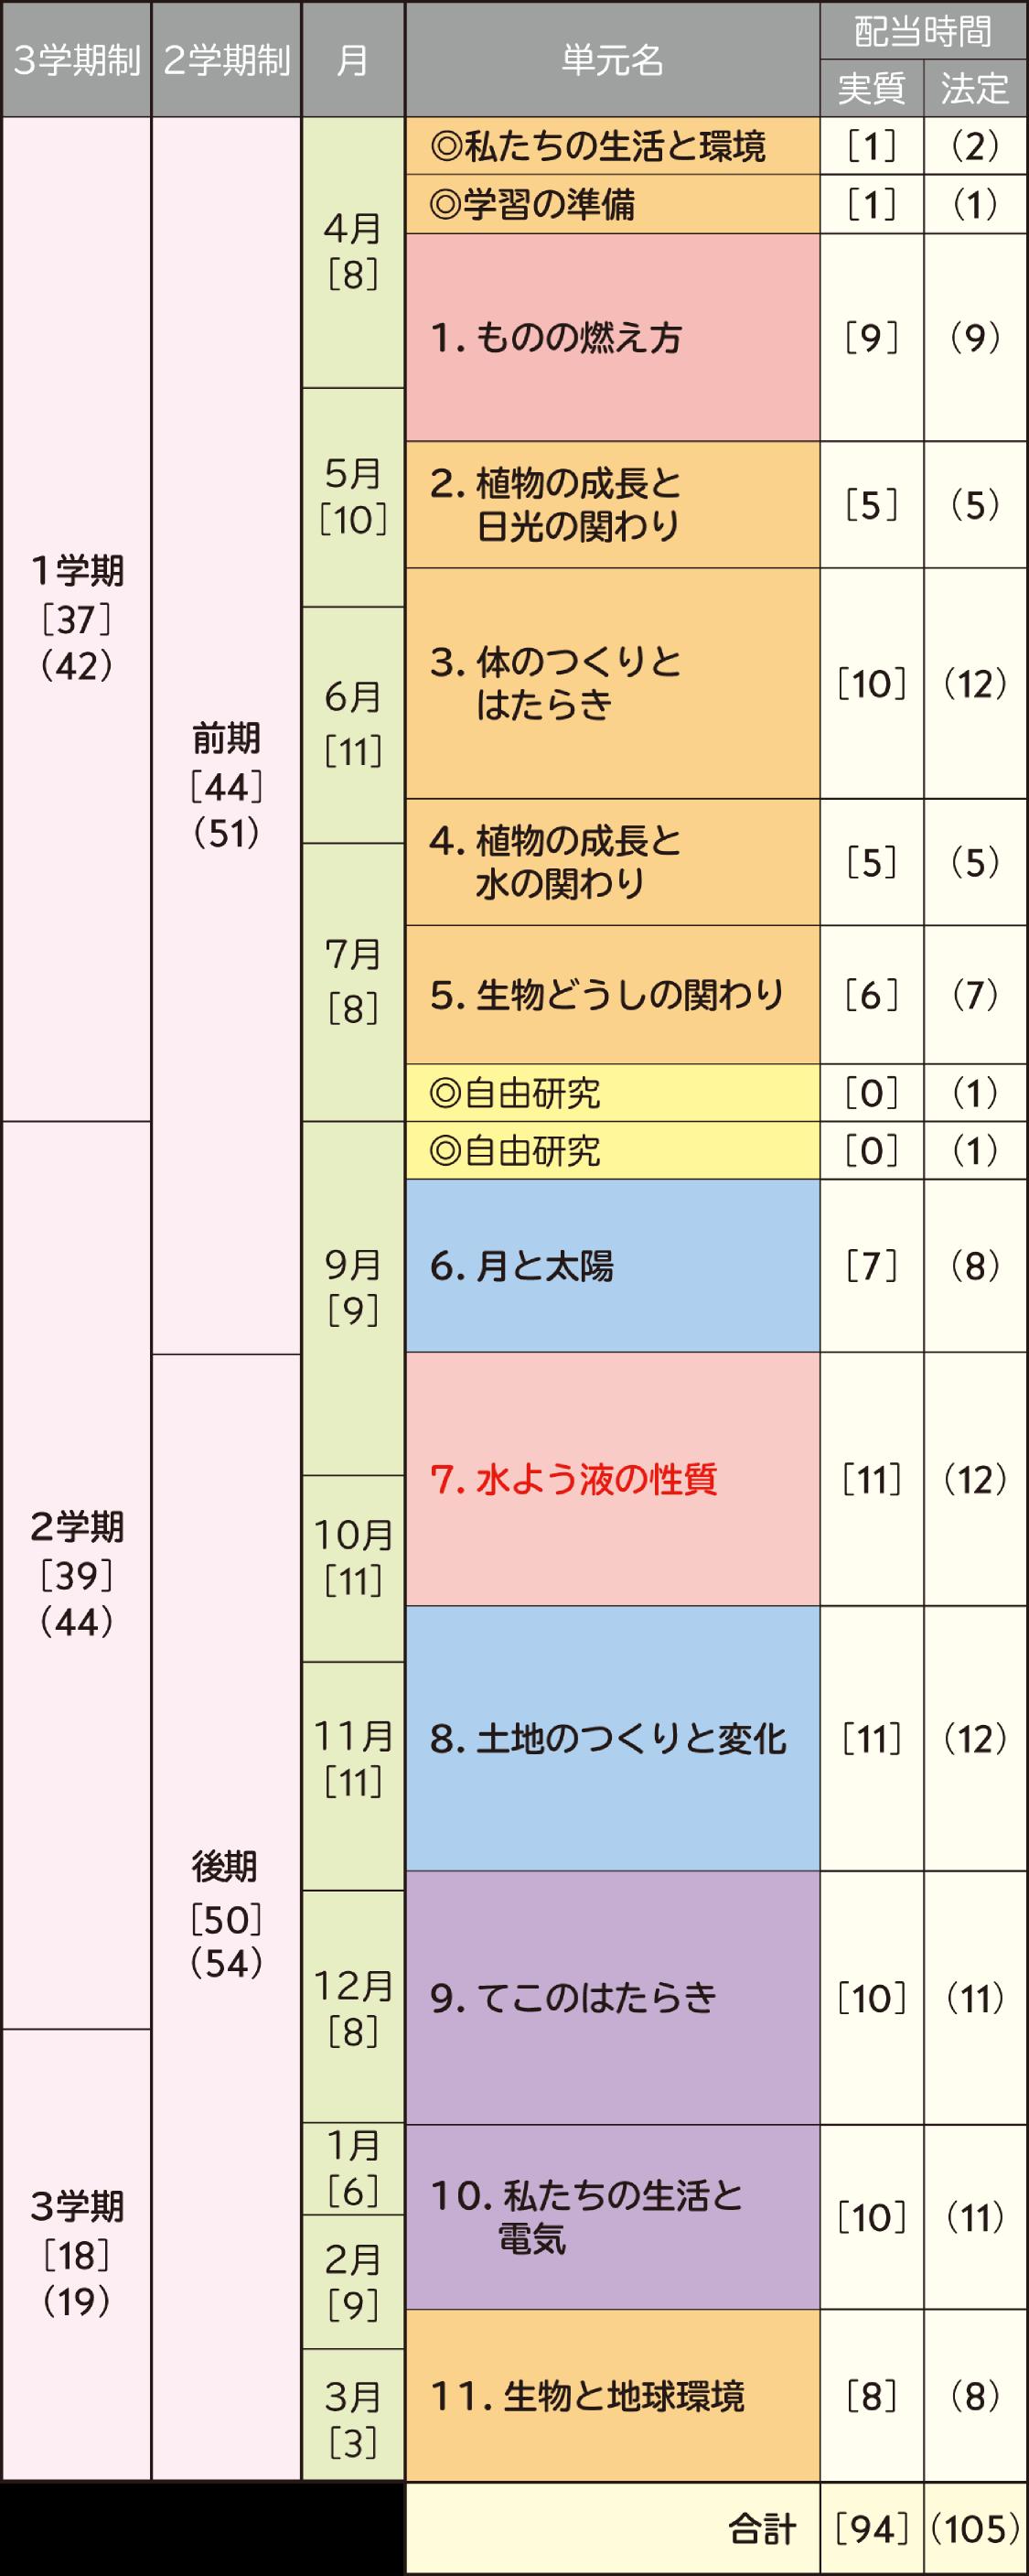 年間指導計画案 令和2年版 小学校理科 内容解説資料 大日本図書